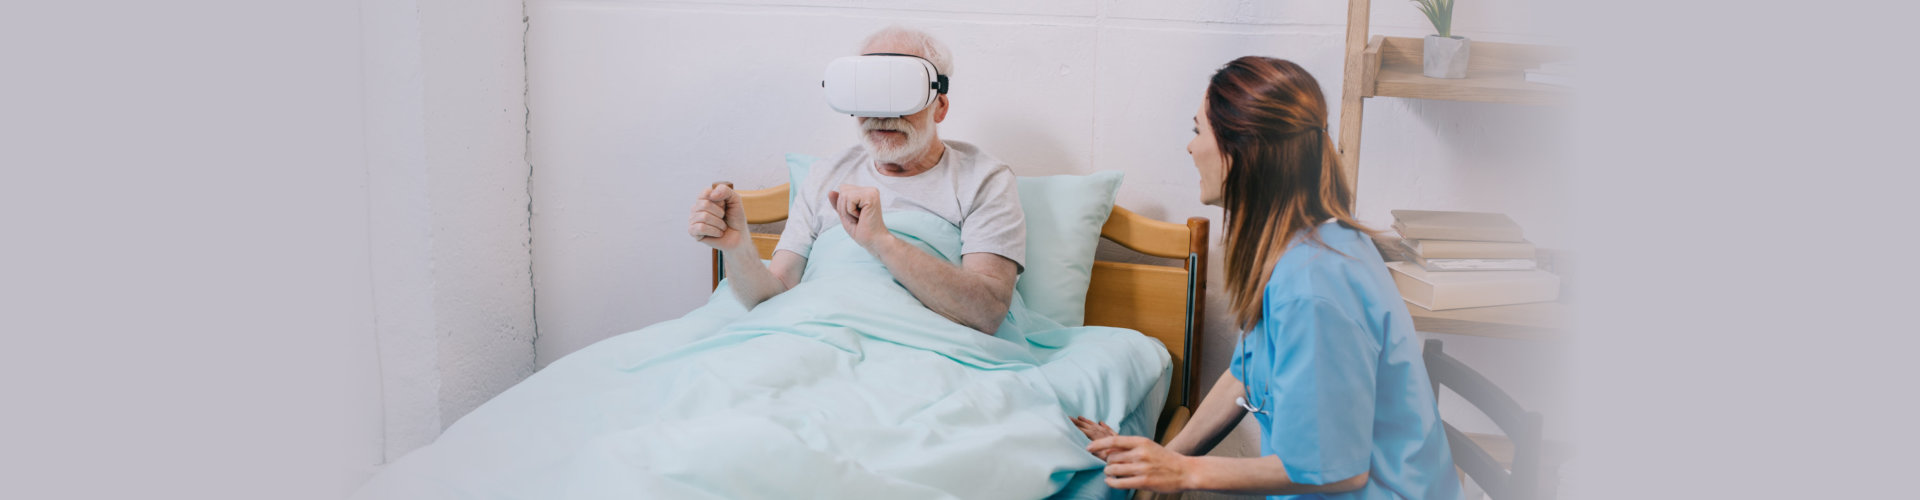 Nurse sitting by old man.